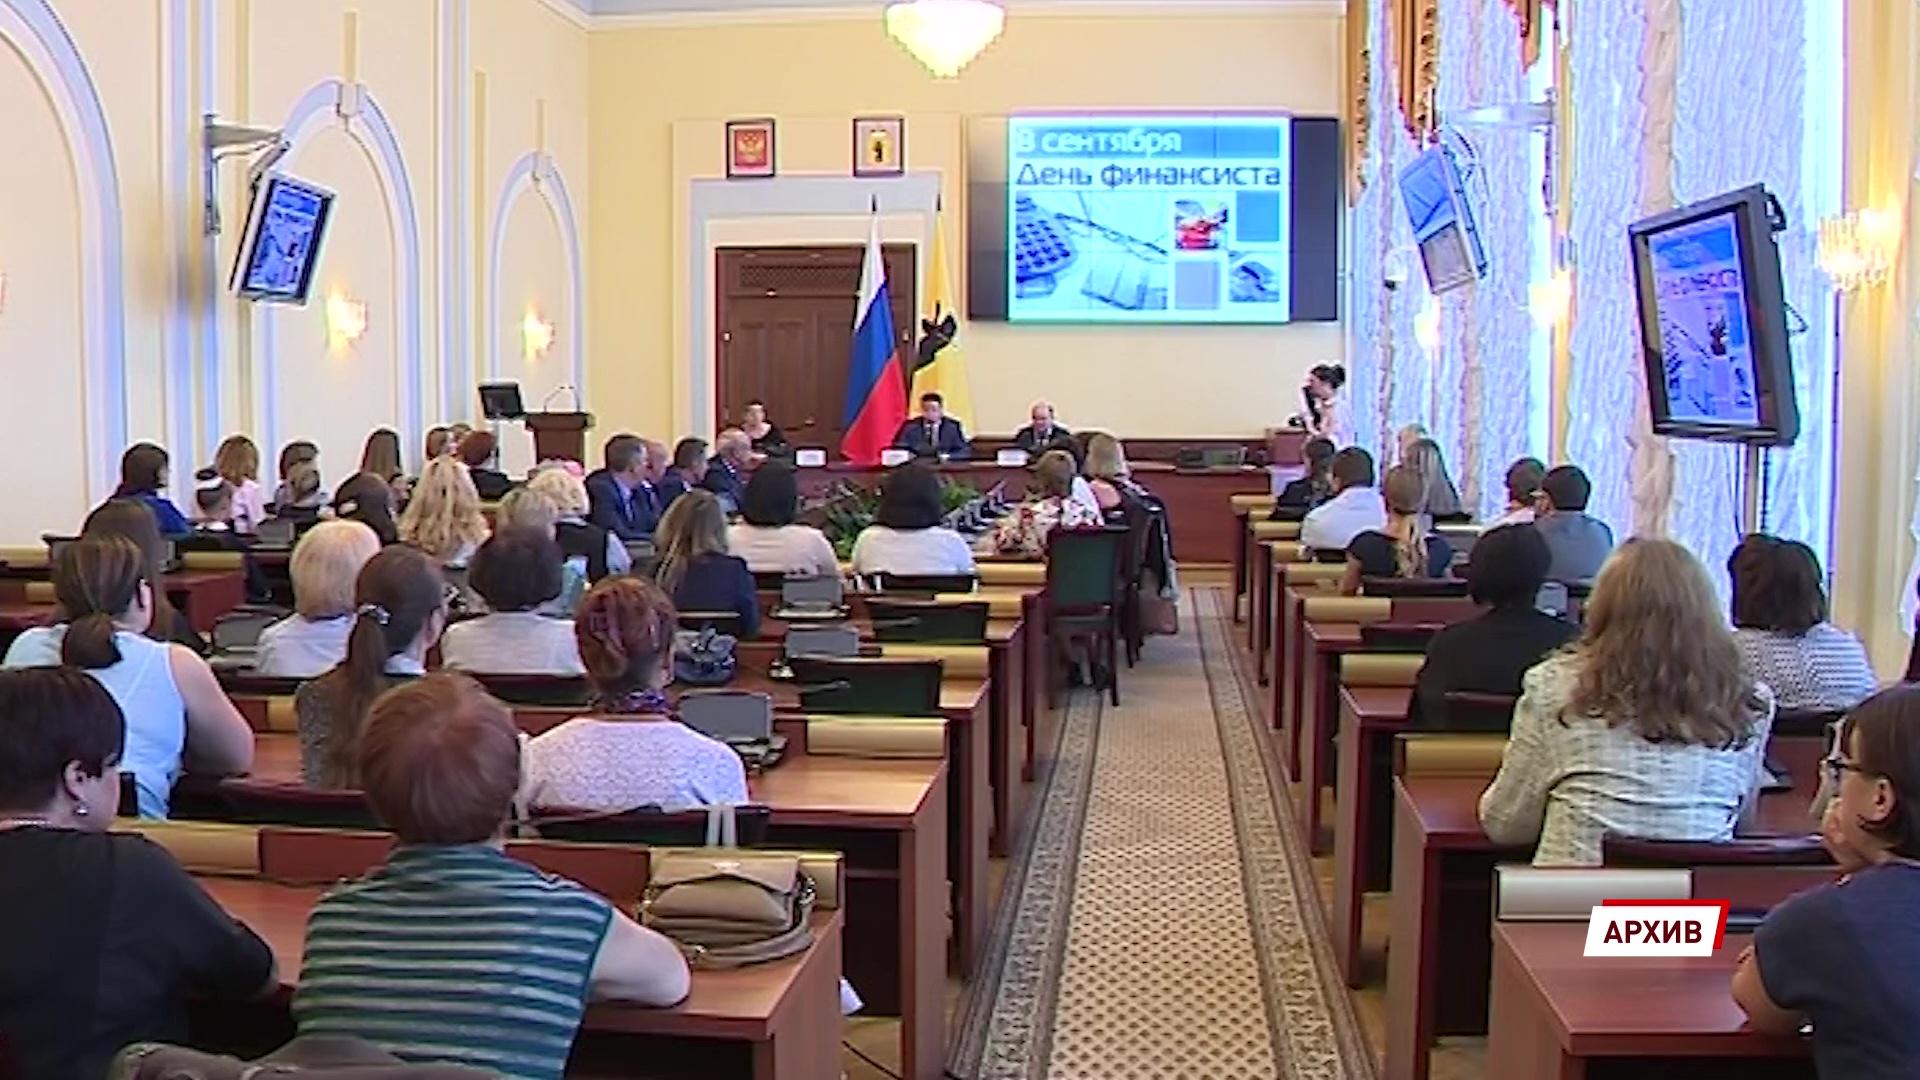 В Ярославской области стартовал конкурс проектов «Бюджет для граждан»